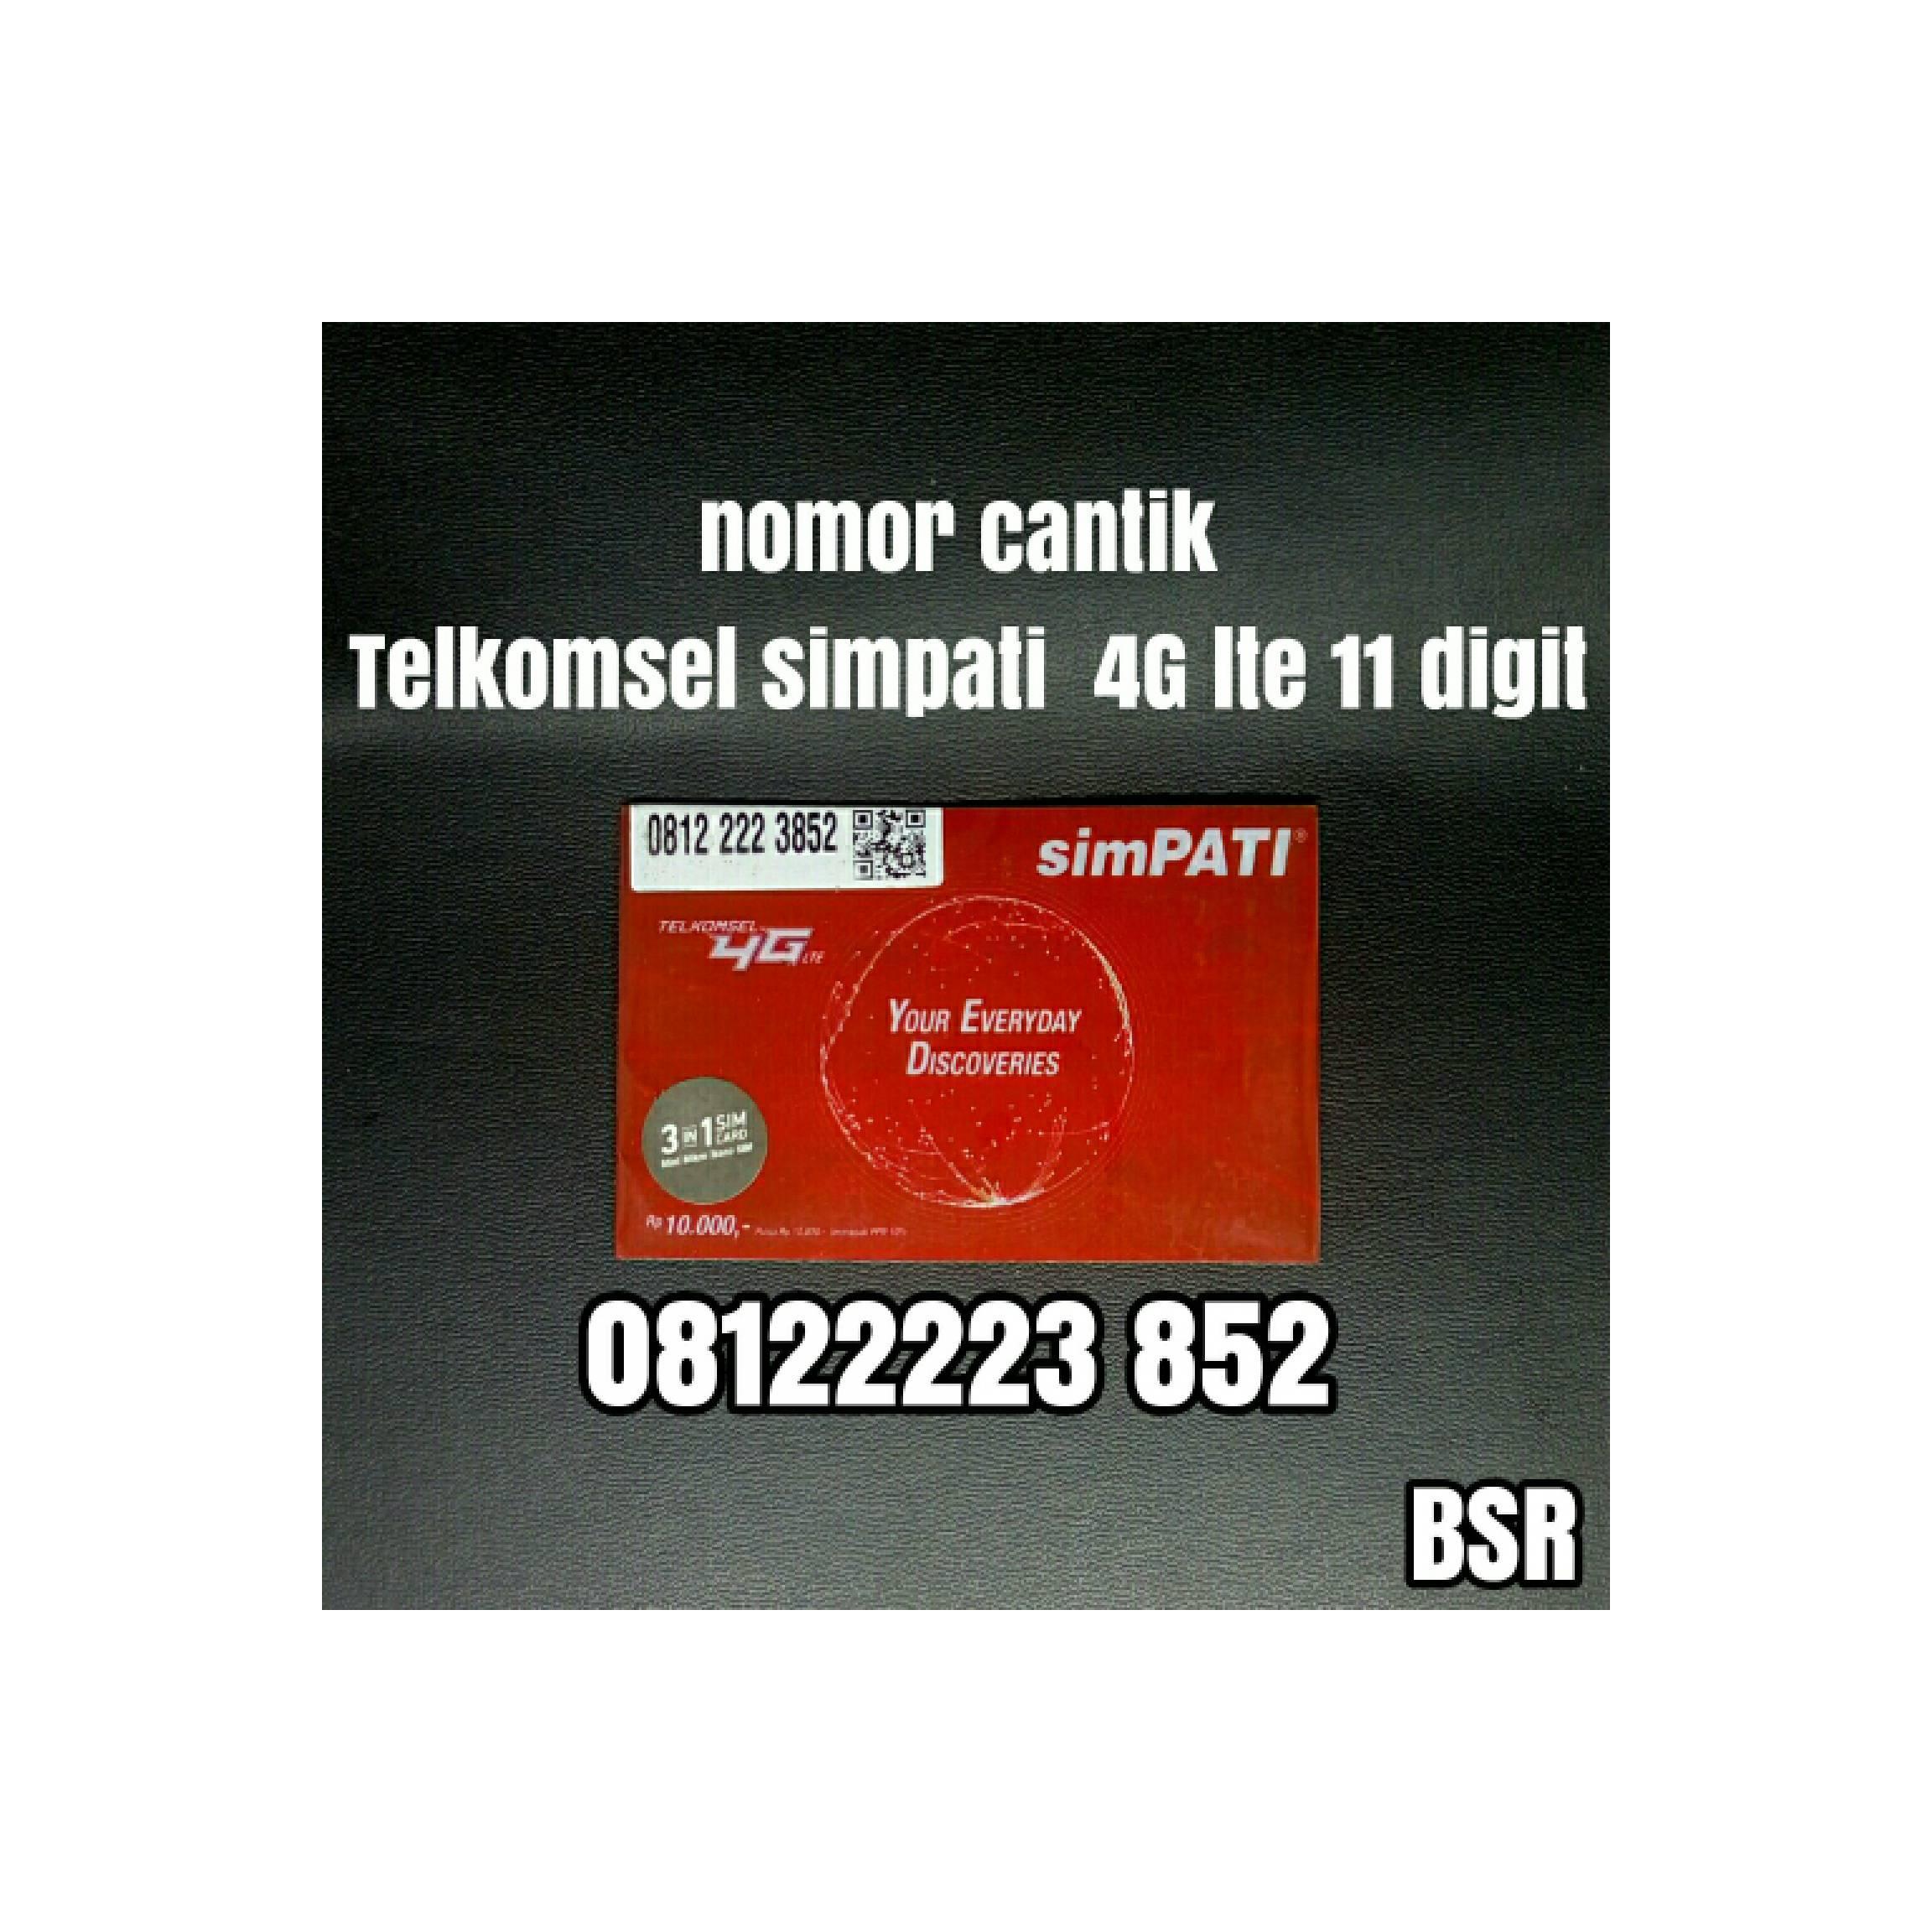 nomor cantik Telkomsel simpati 4G lte 11 digit kartu perdana bagus 852